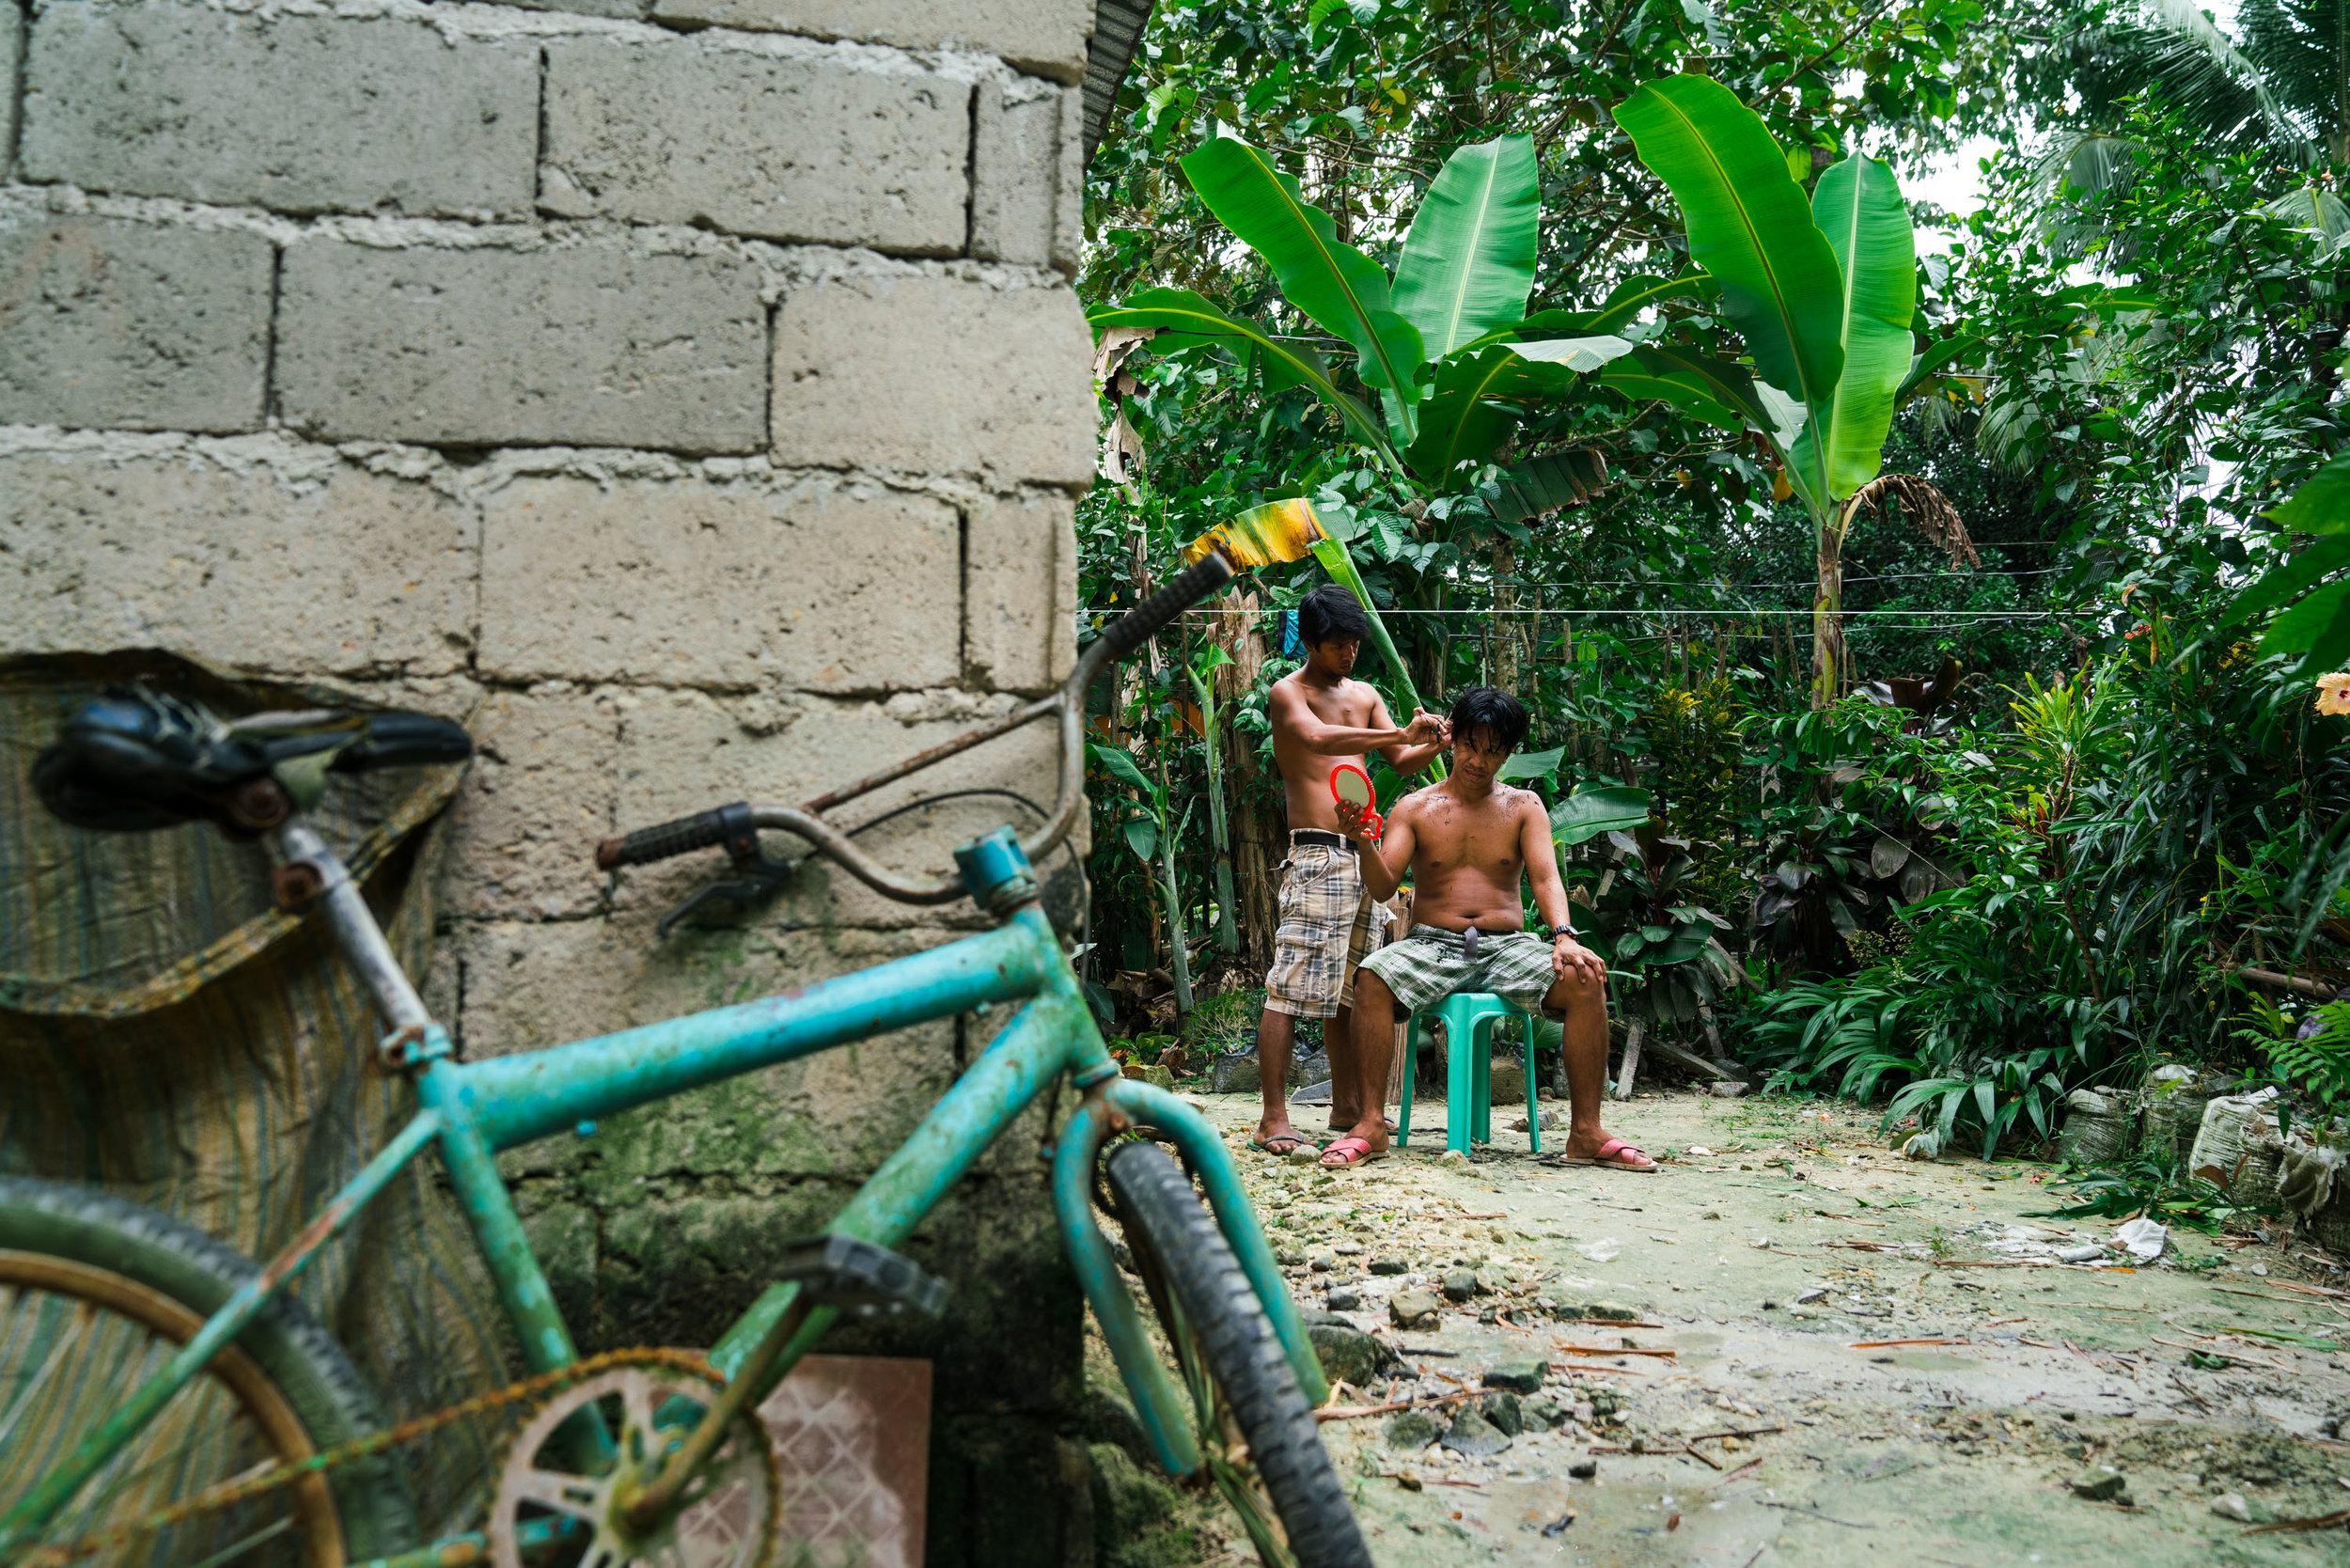 A man cuts his friends hair in his garden. Port Barton, Palawan. Philippines, 2018